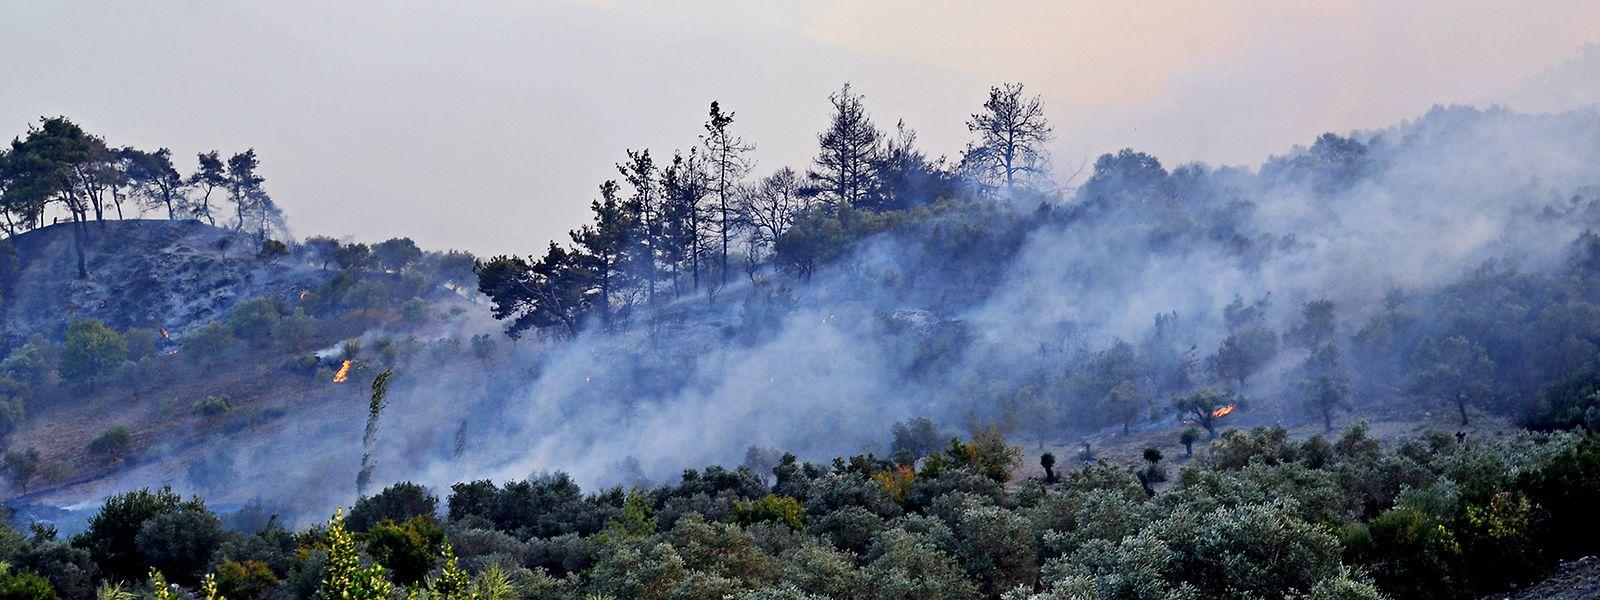 Auch Waldbrände werden zu den wetterbedingten Naturkatastrophen gezählt.